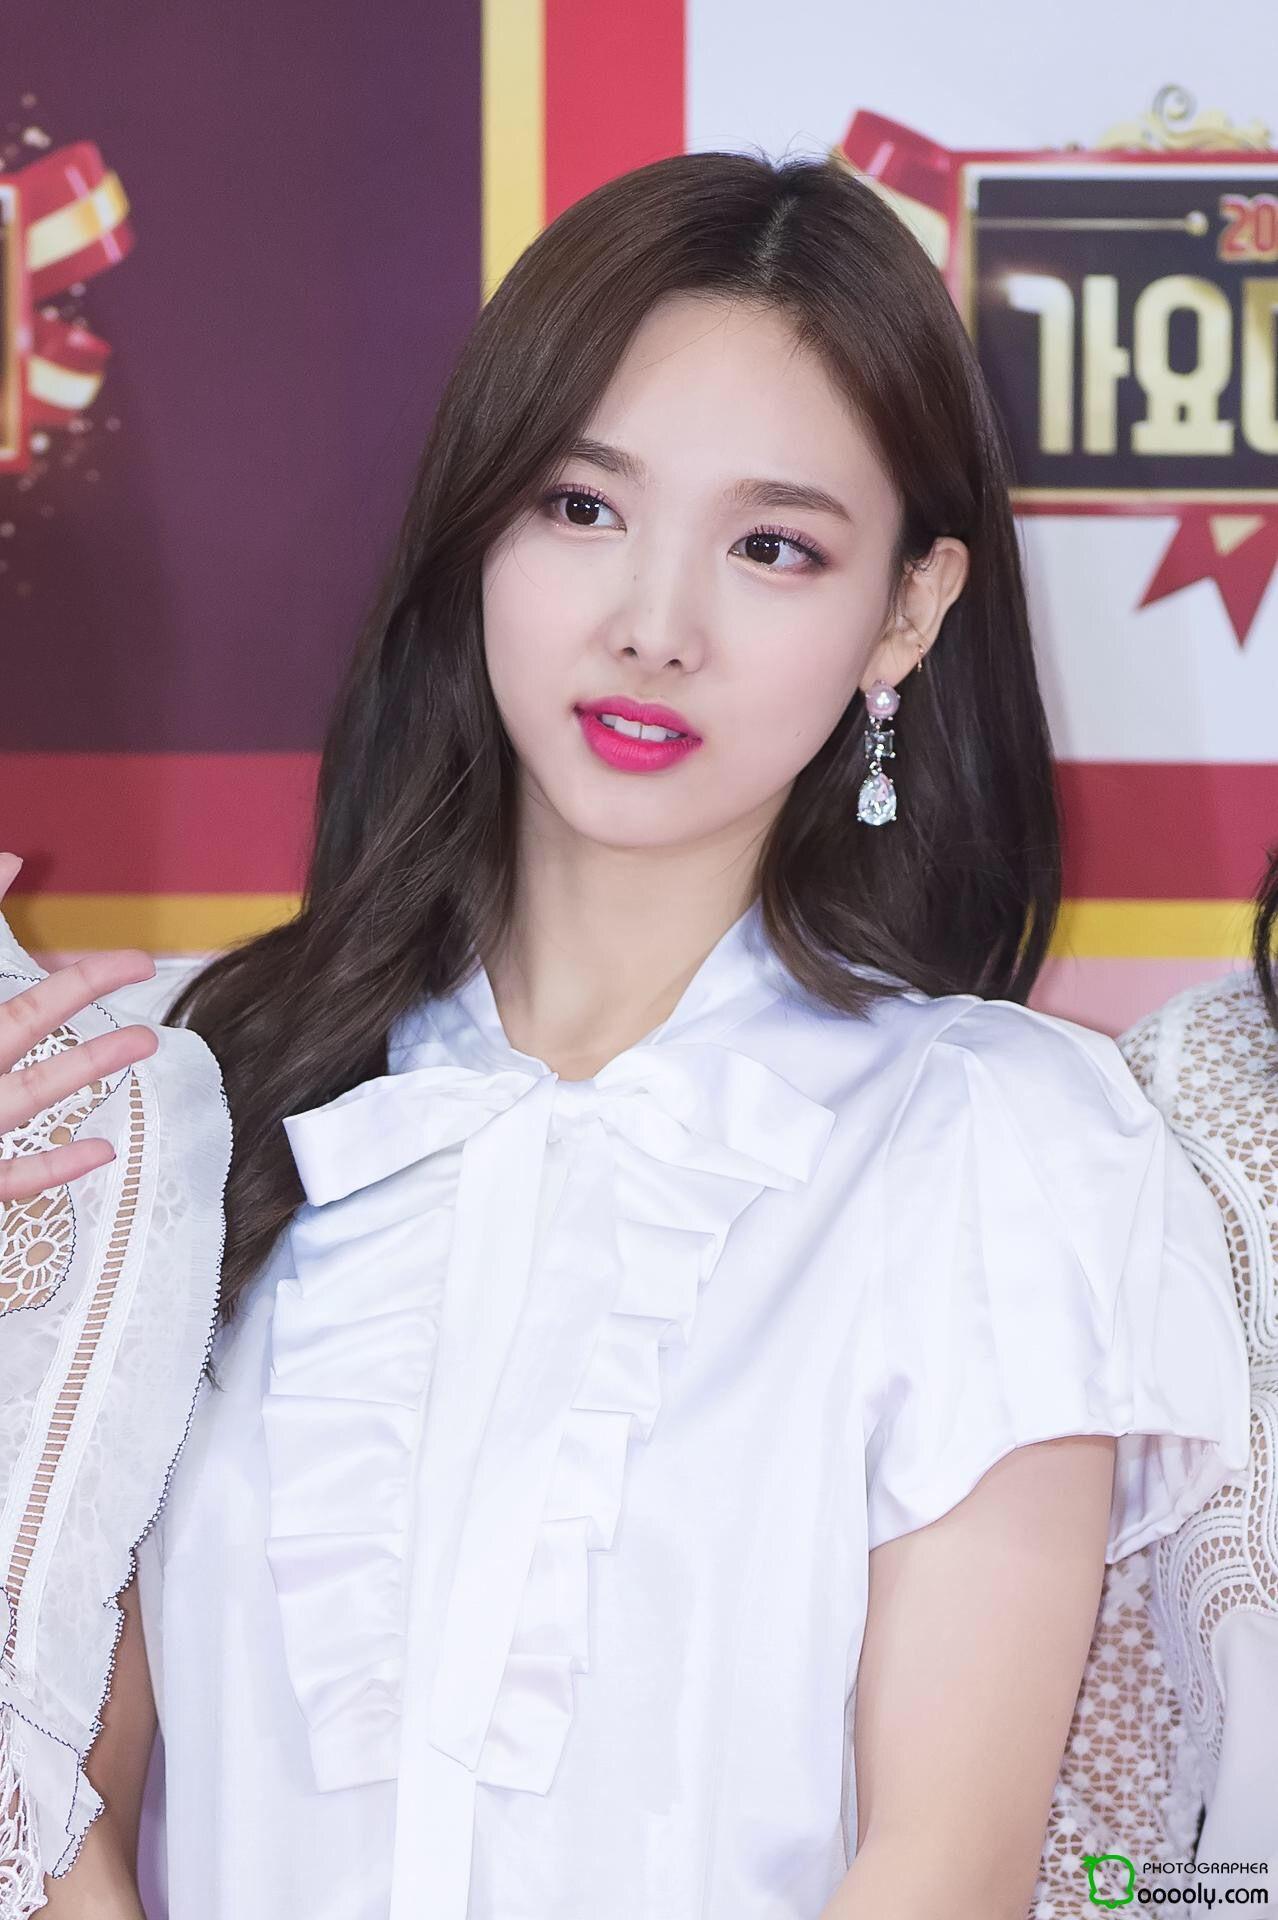 Nayeon phone wallpaper Nayeon Kpop girls Nayeon twice 1278x1920